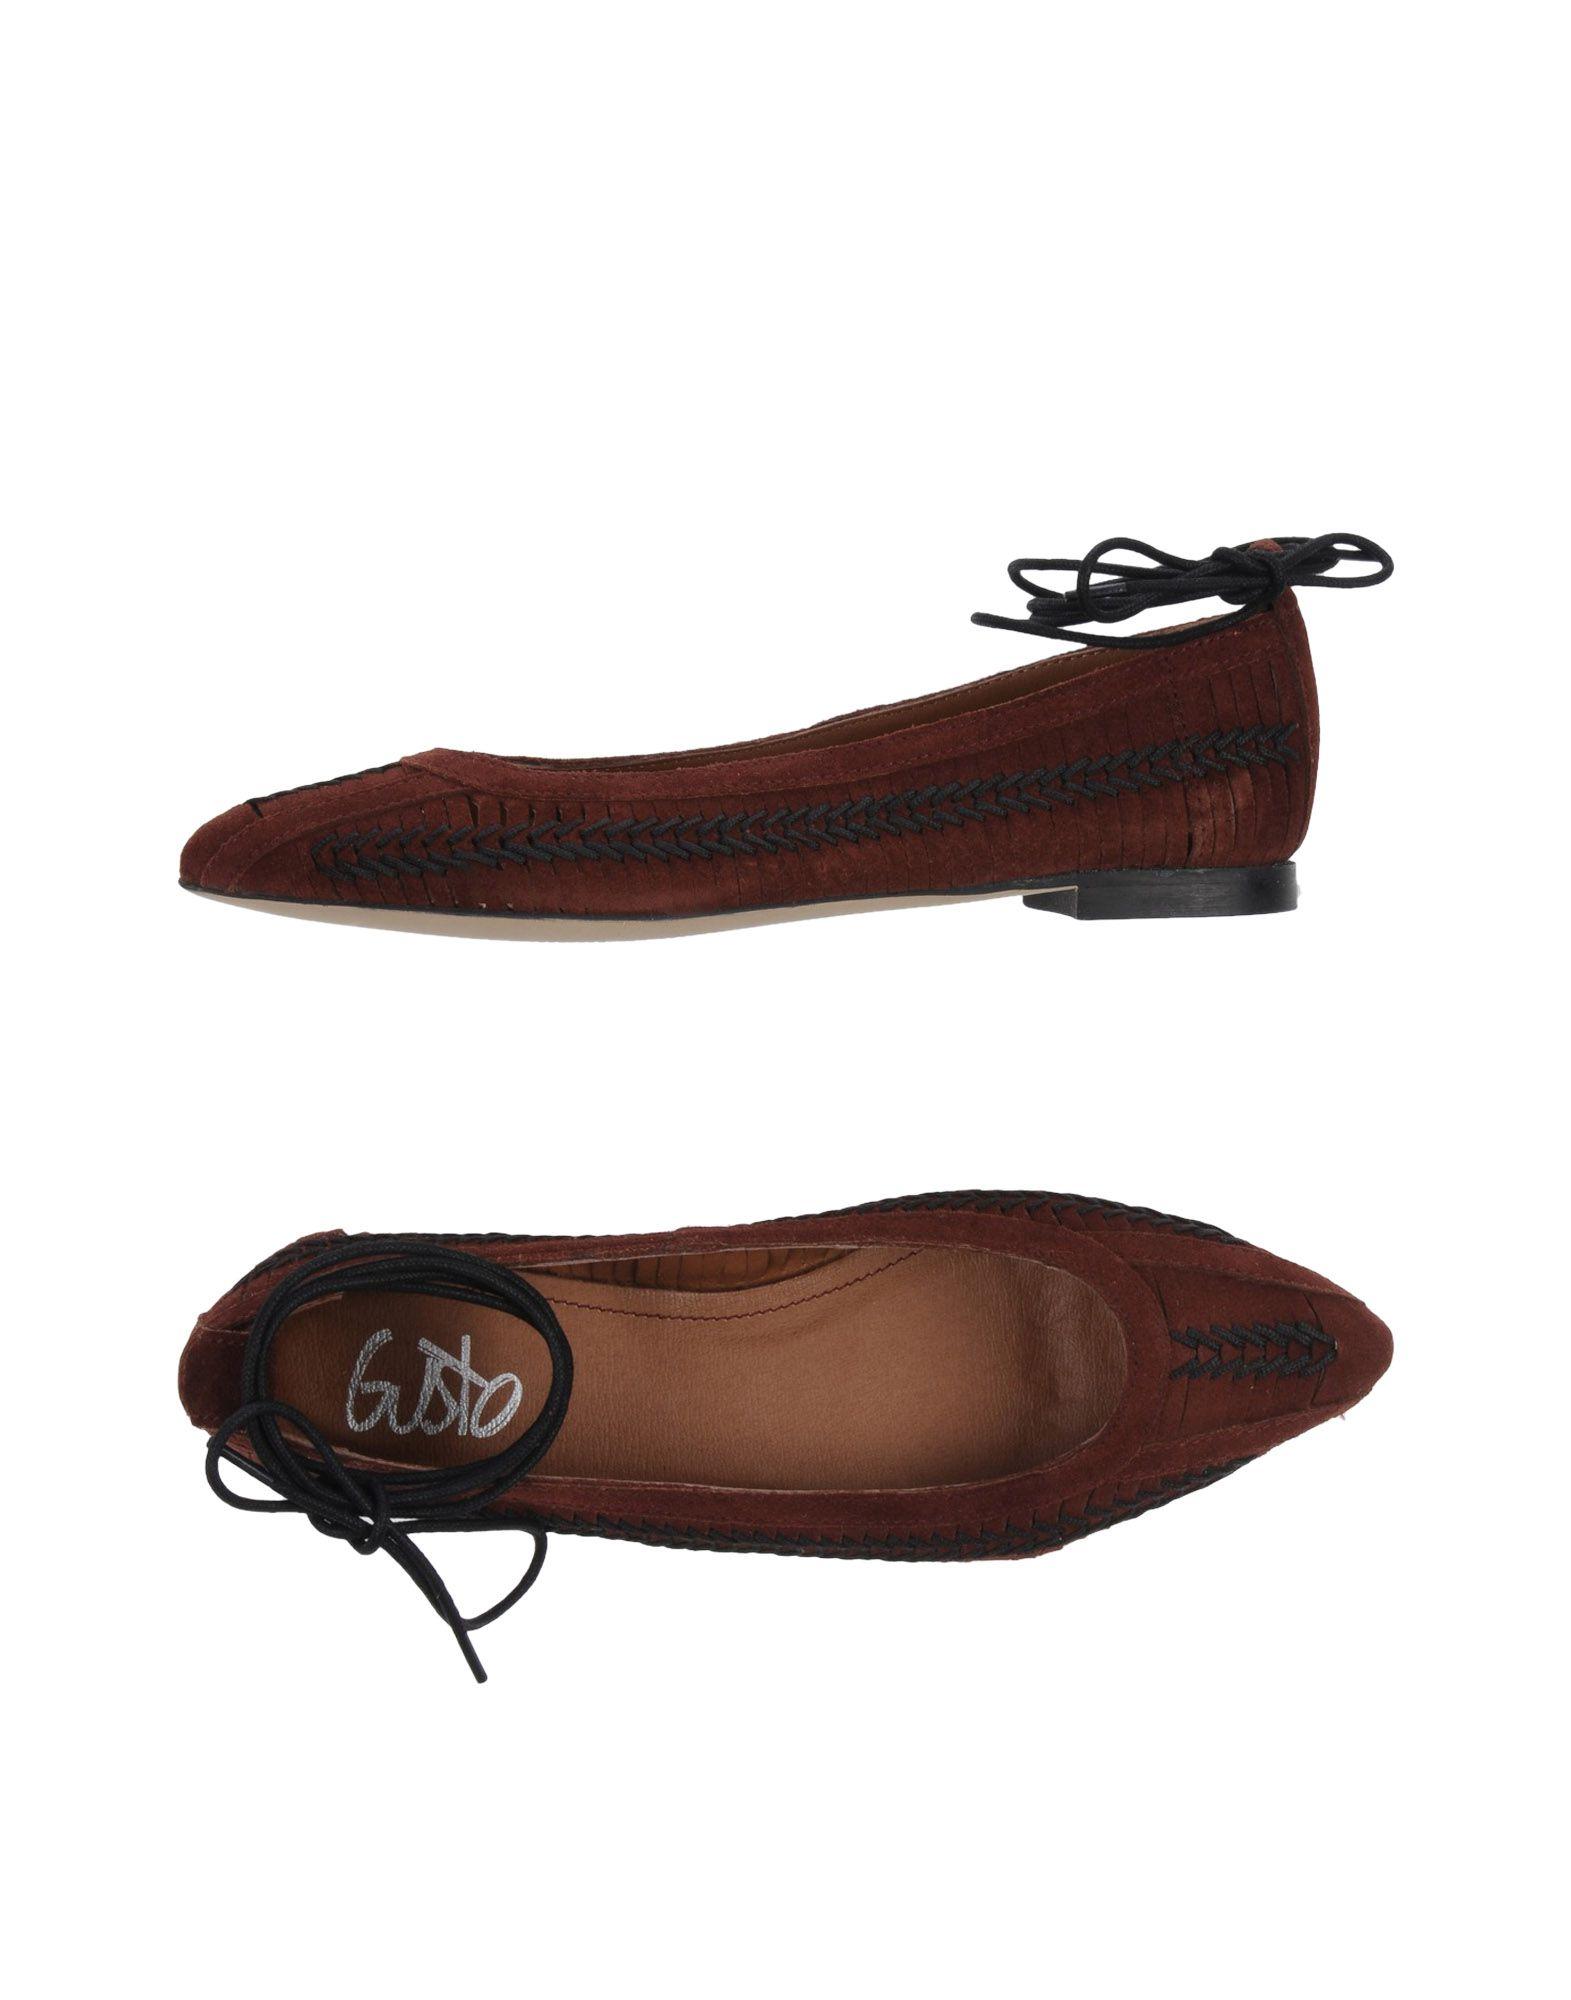 Gusto Ballerinas Damen  11427483HL Gute Qualität beliebte Schuhe